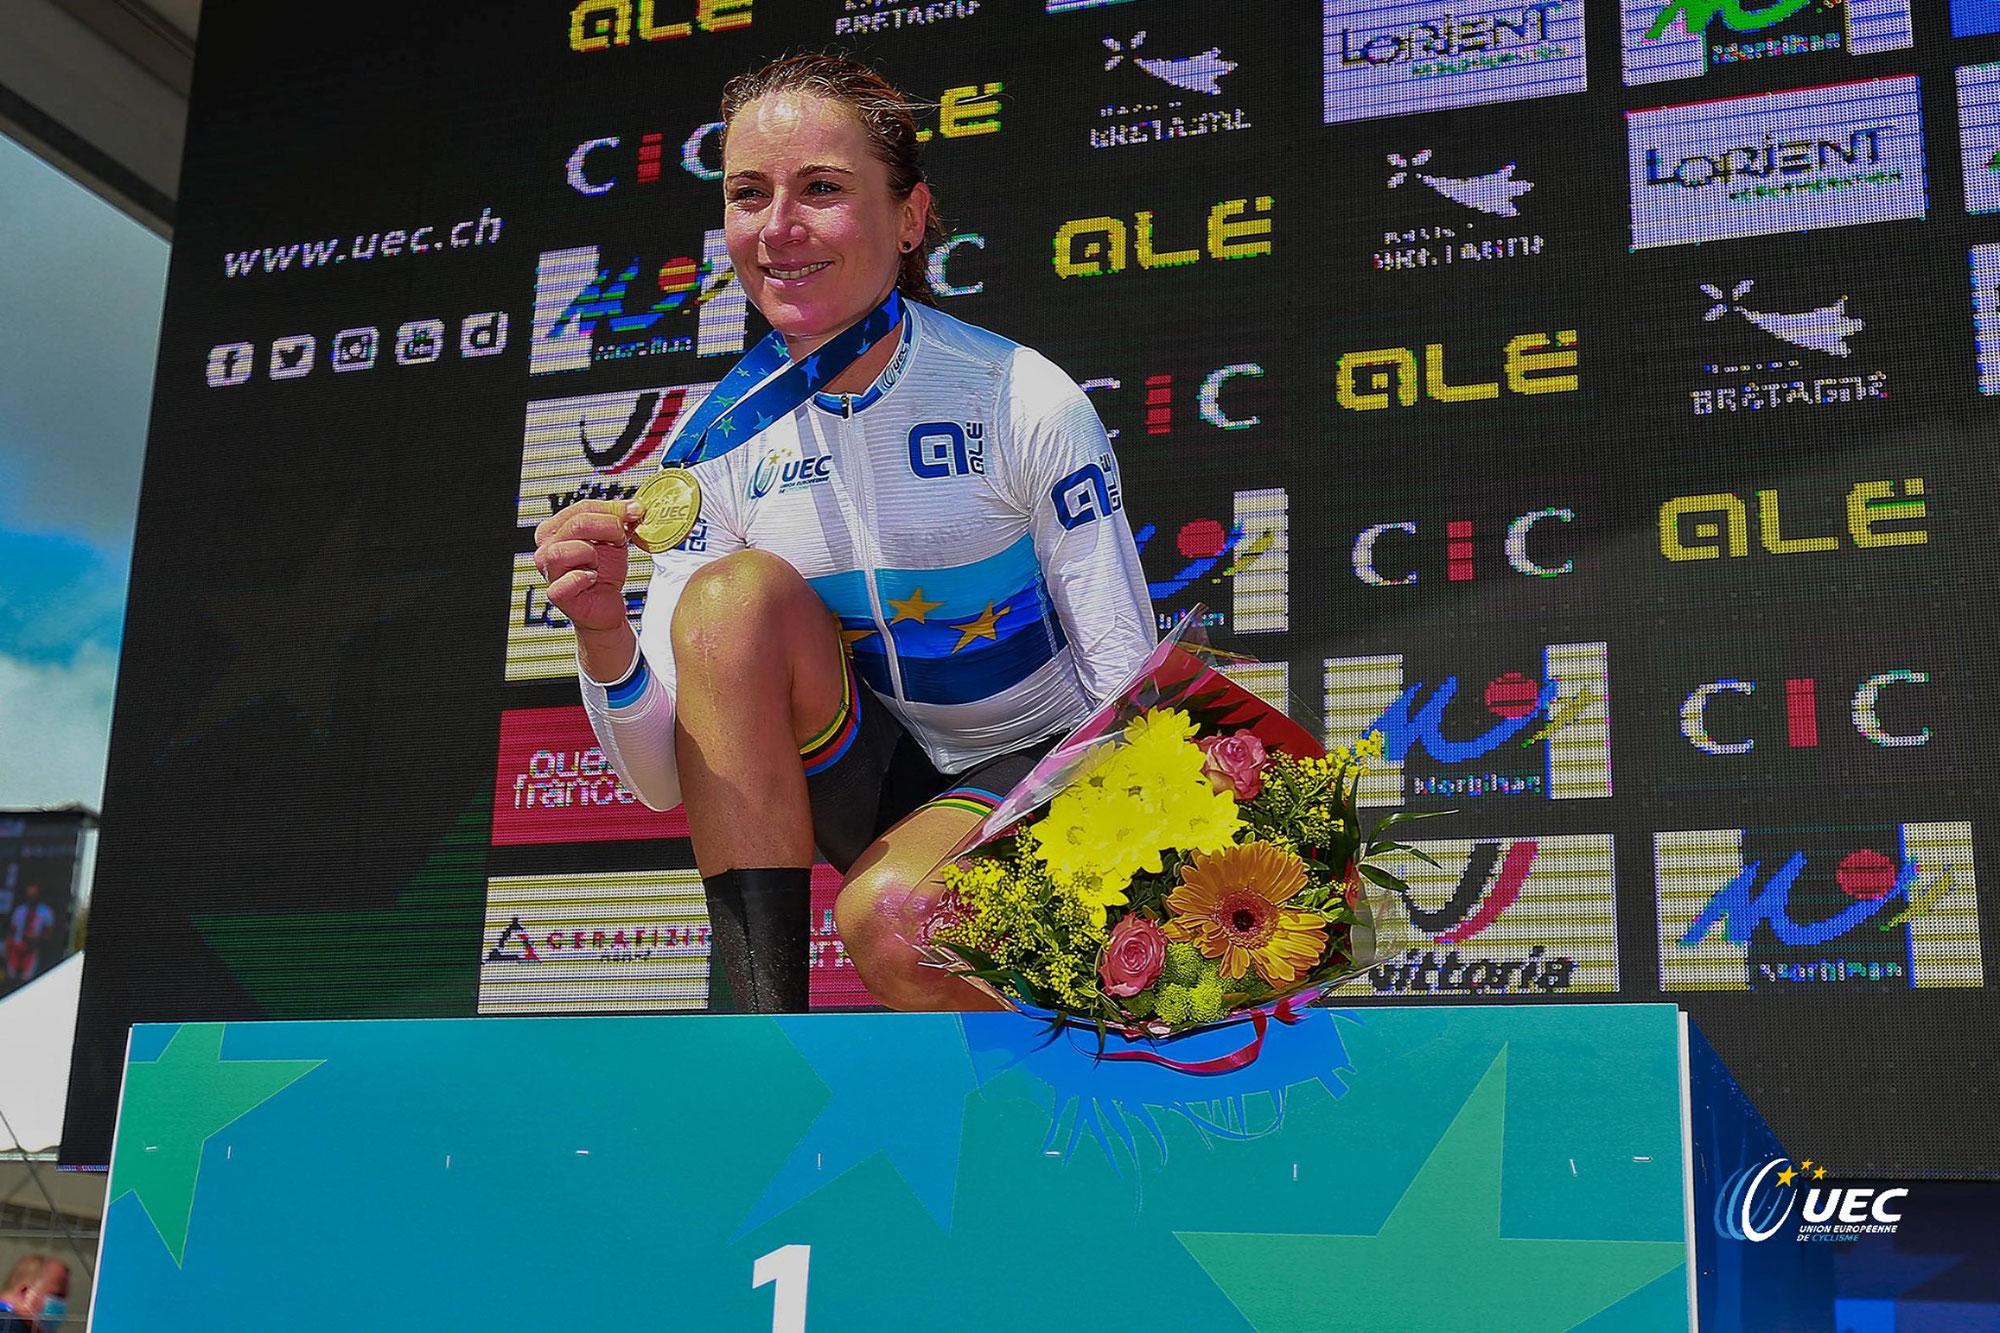 Die Radsport-Europameister 2021 in ALÉ-Kleidung